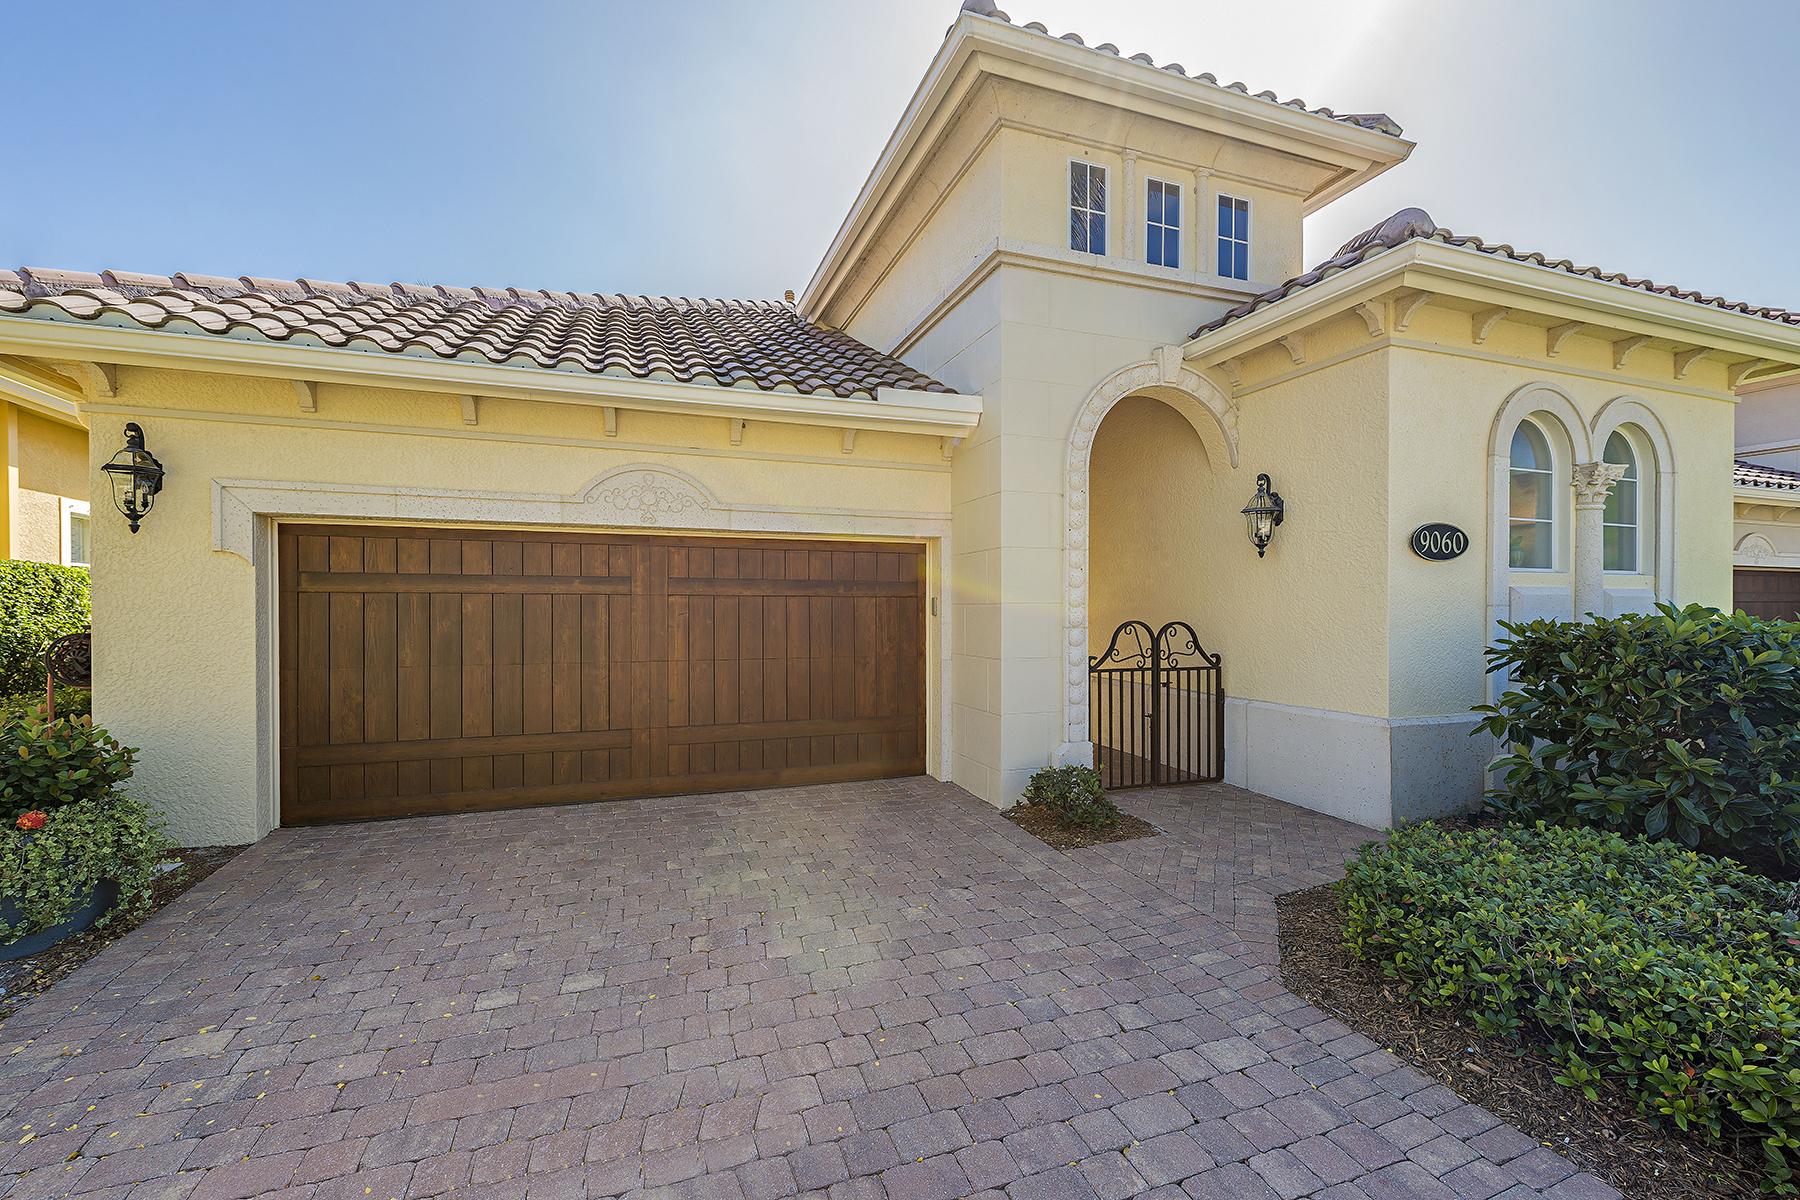 Maison unifamiliale pour l Vente à FIDDLER'S CREEK - CRANBERRY CROSSING 9060 Cherry Oaks Trl Naples, Florida, 34114 États-Unis